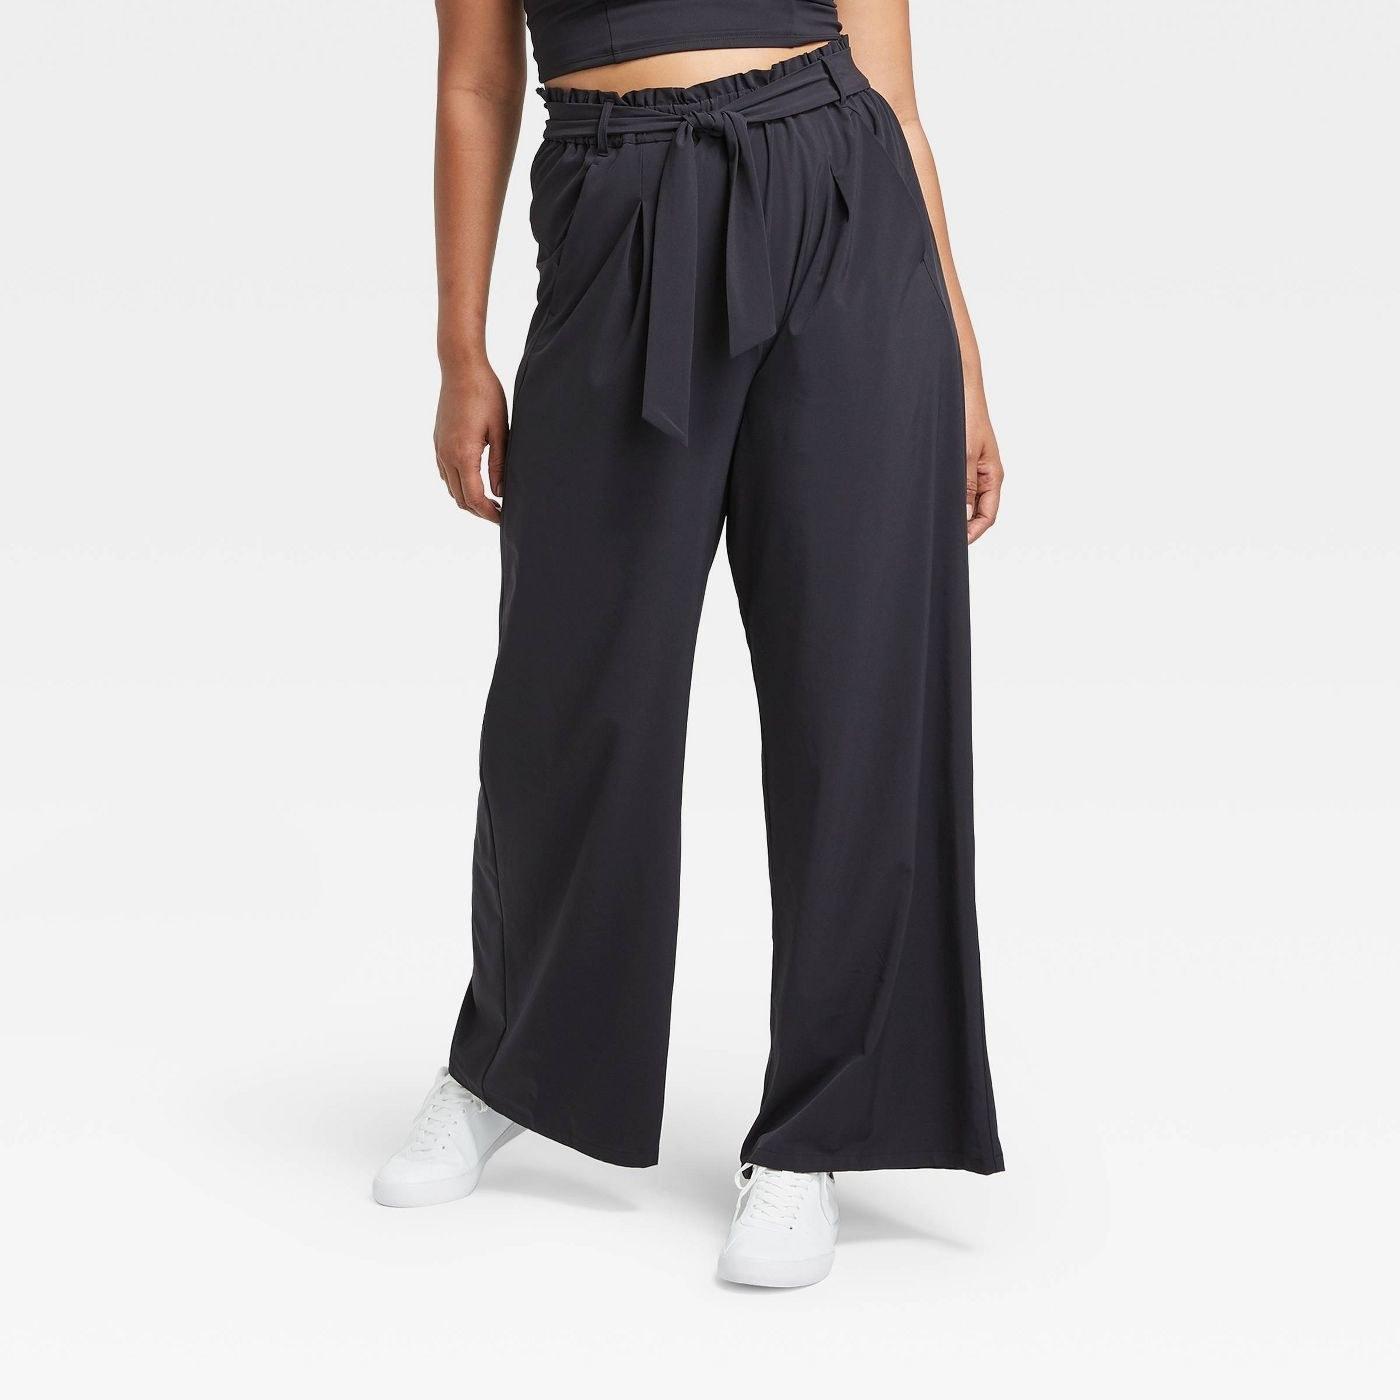 Model in black stretch wide leg pants